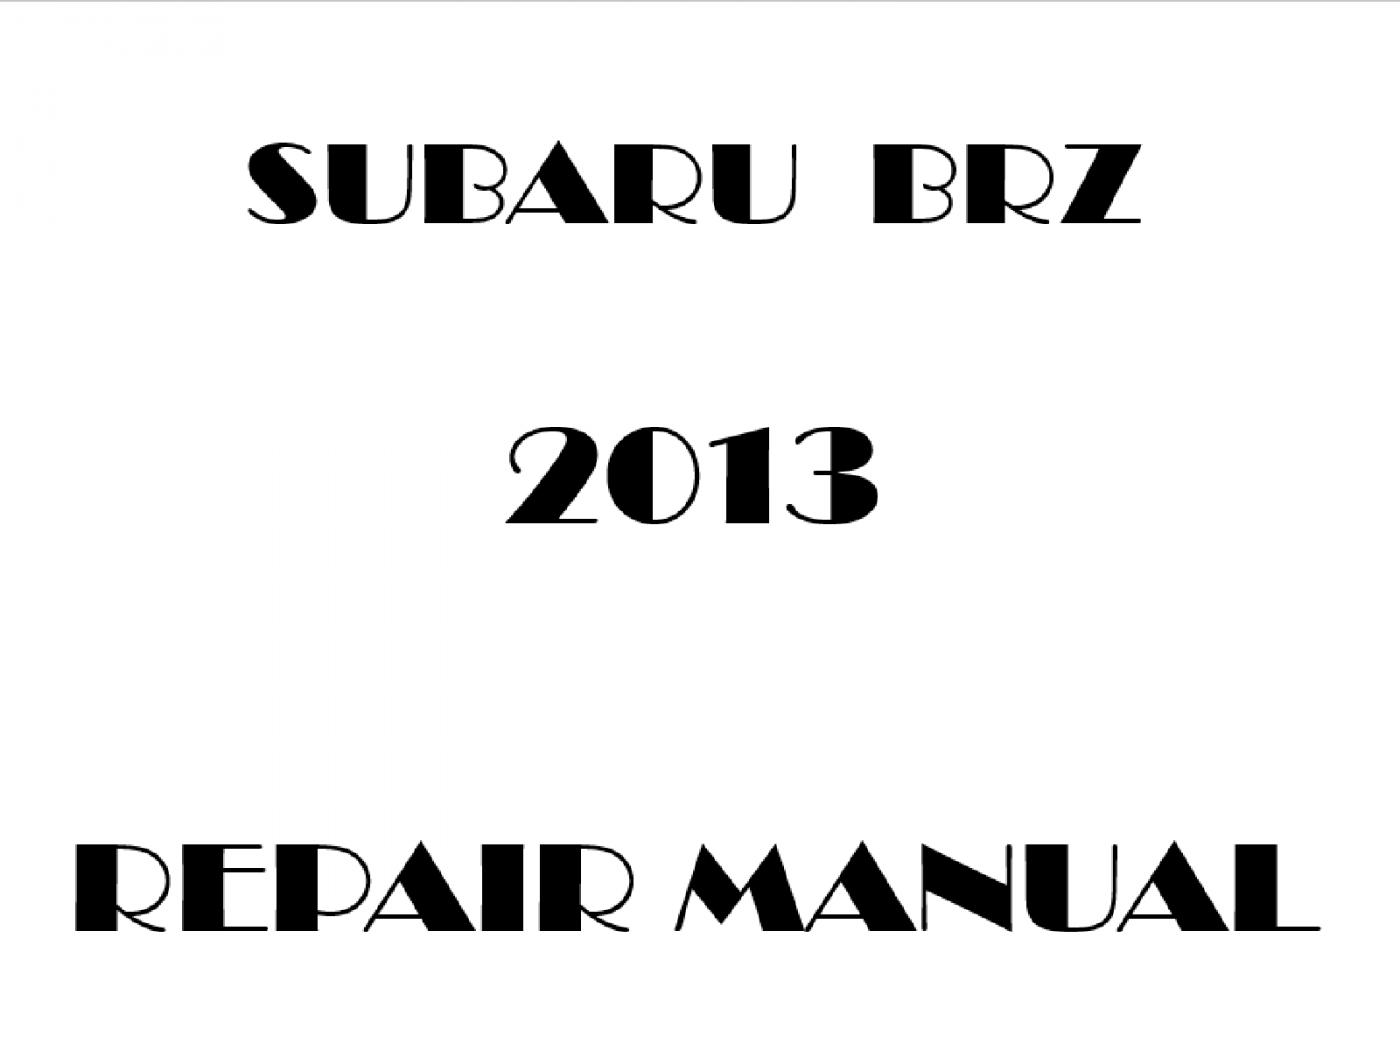 2013 Subaru BRZ repair manual